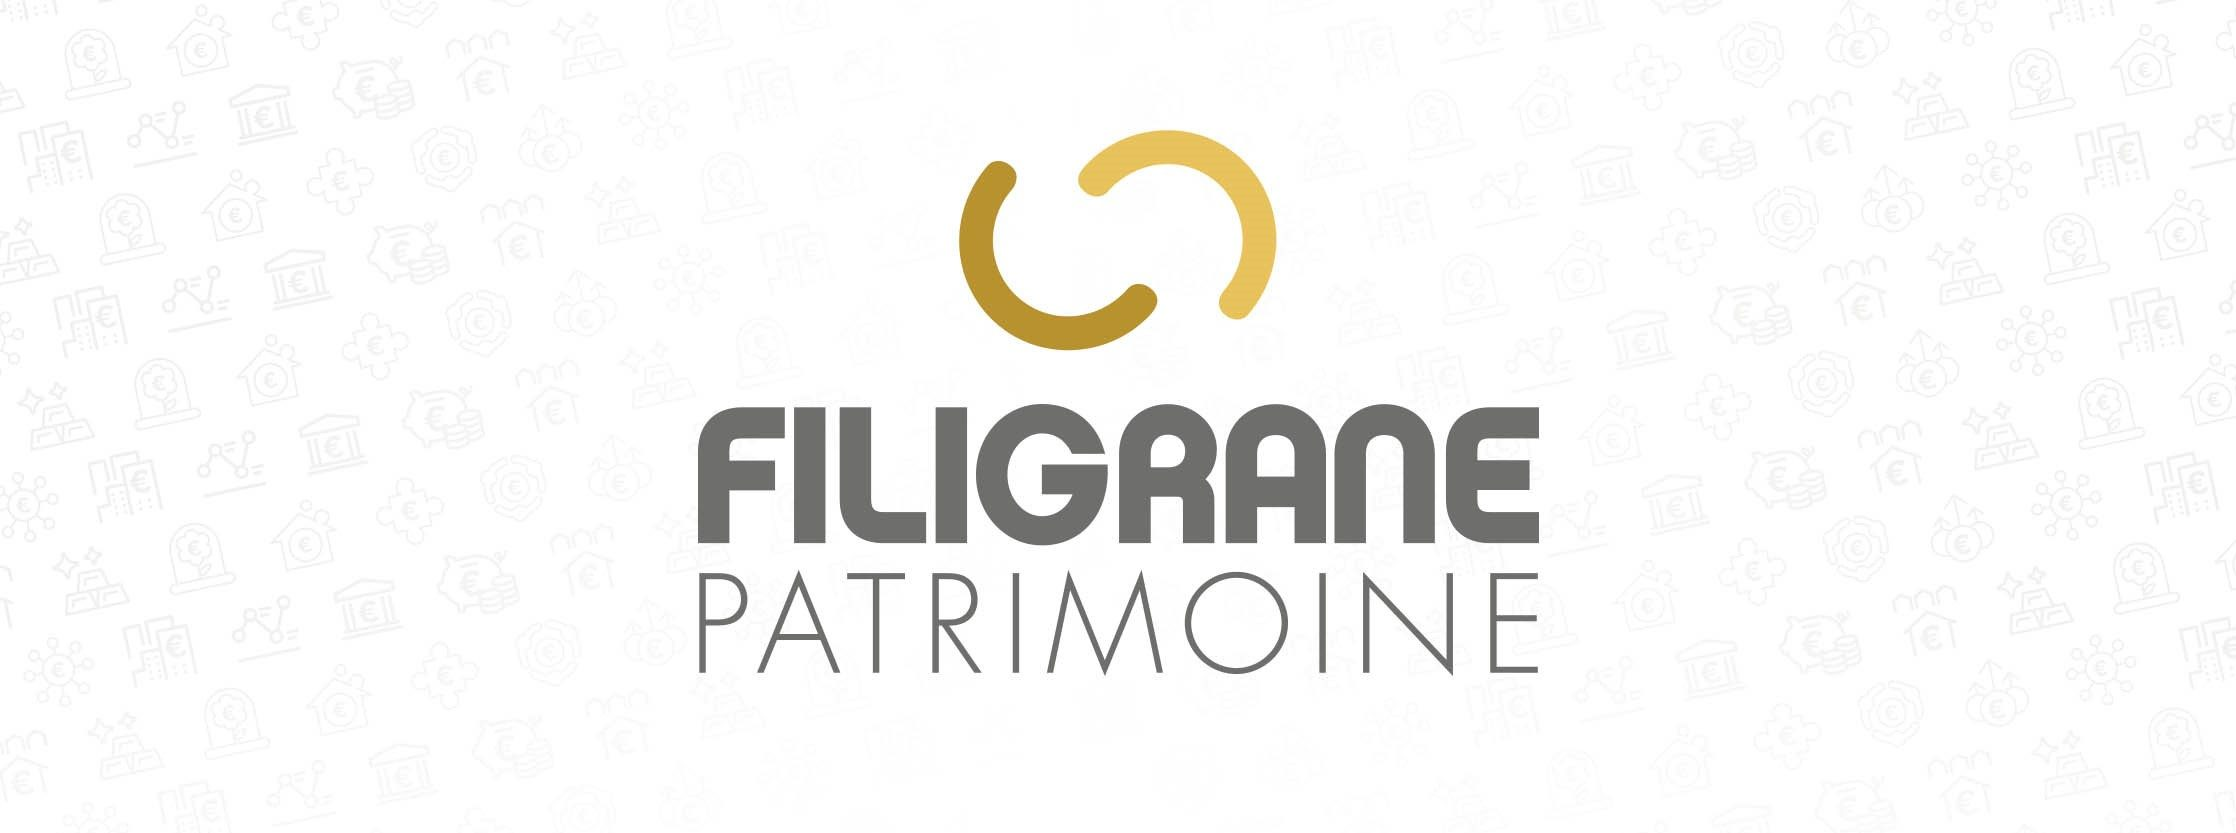 Filigrane Patrimoine